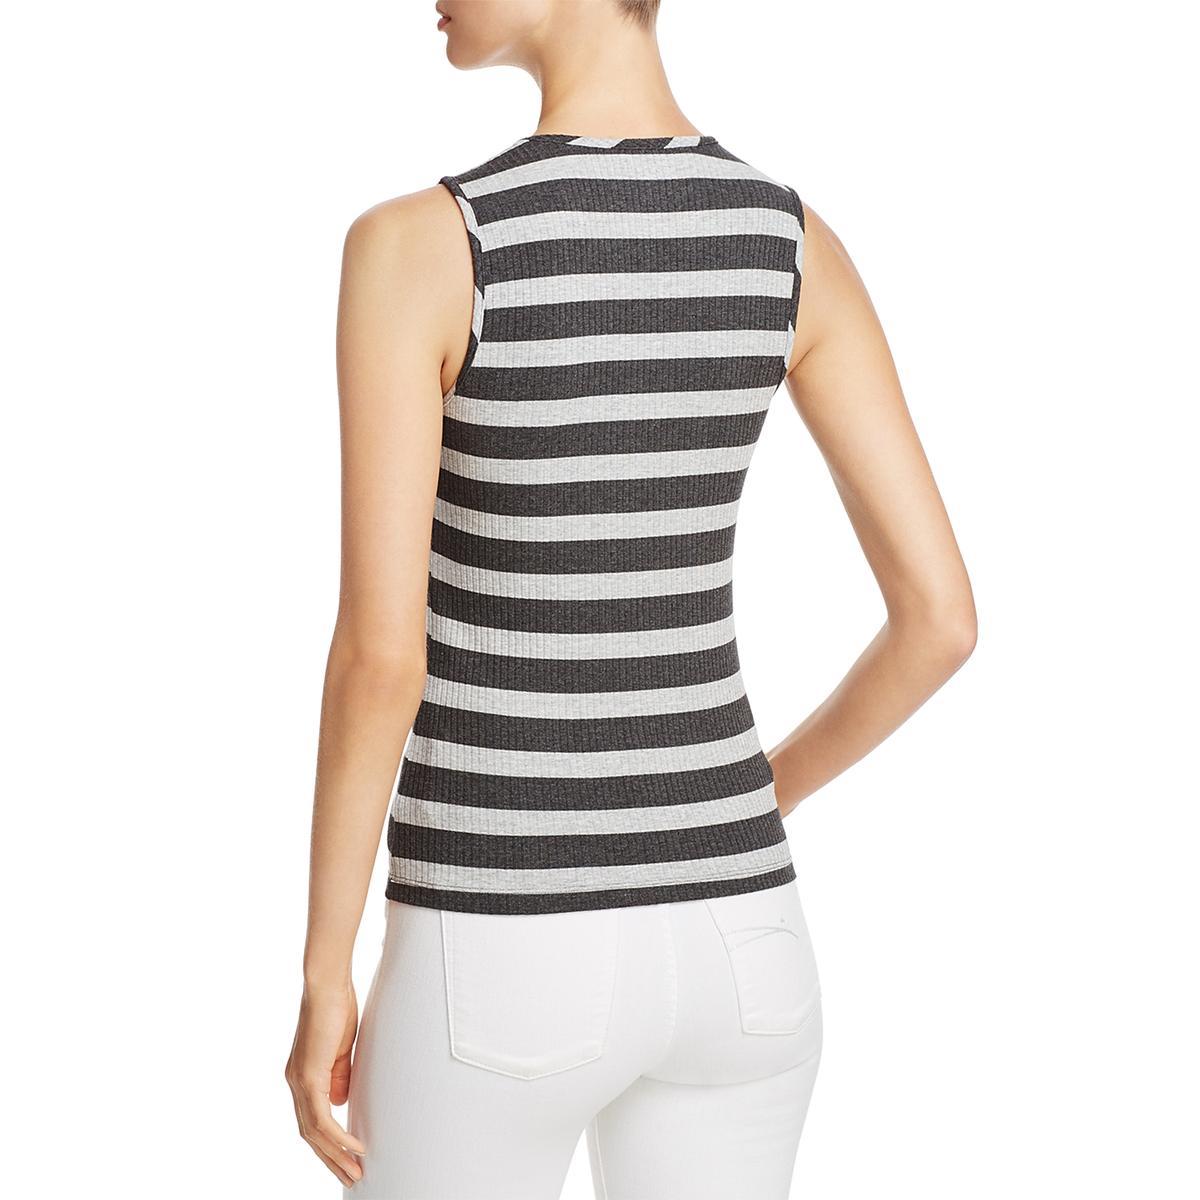 007d5b2b56cd3 Buy Three Dots Womens Gray Extended Shoulders Striped Tank Top Shirt M BHFO  0331 online